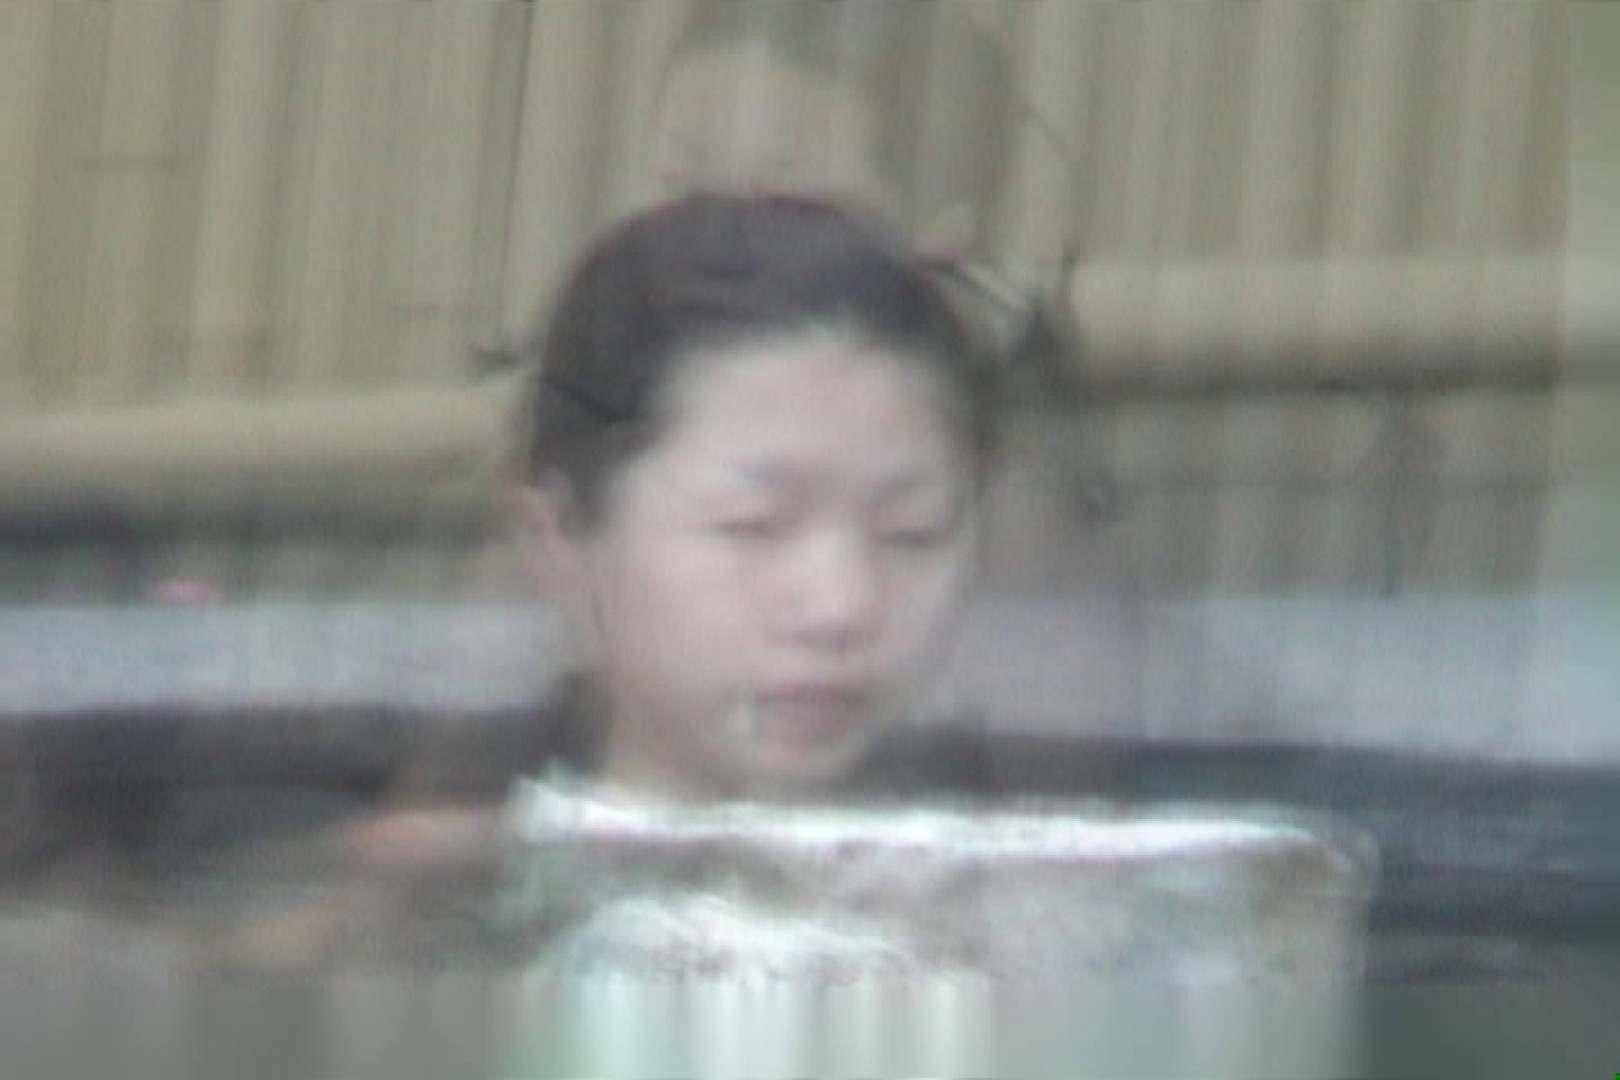 Aquaな露天風呂Vol.571 盗撮 | 露天  81連発 34